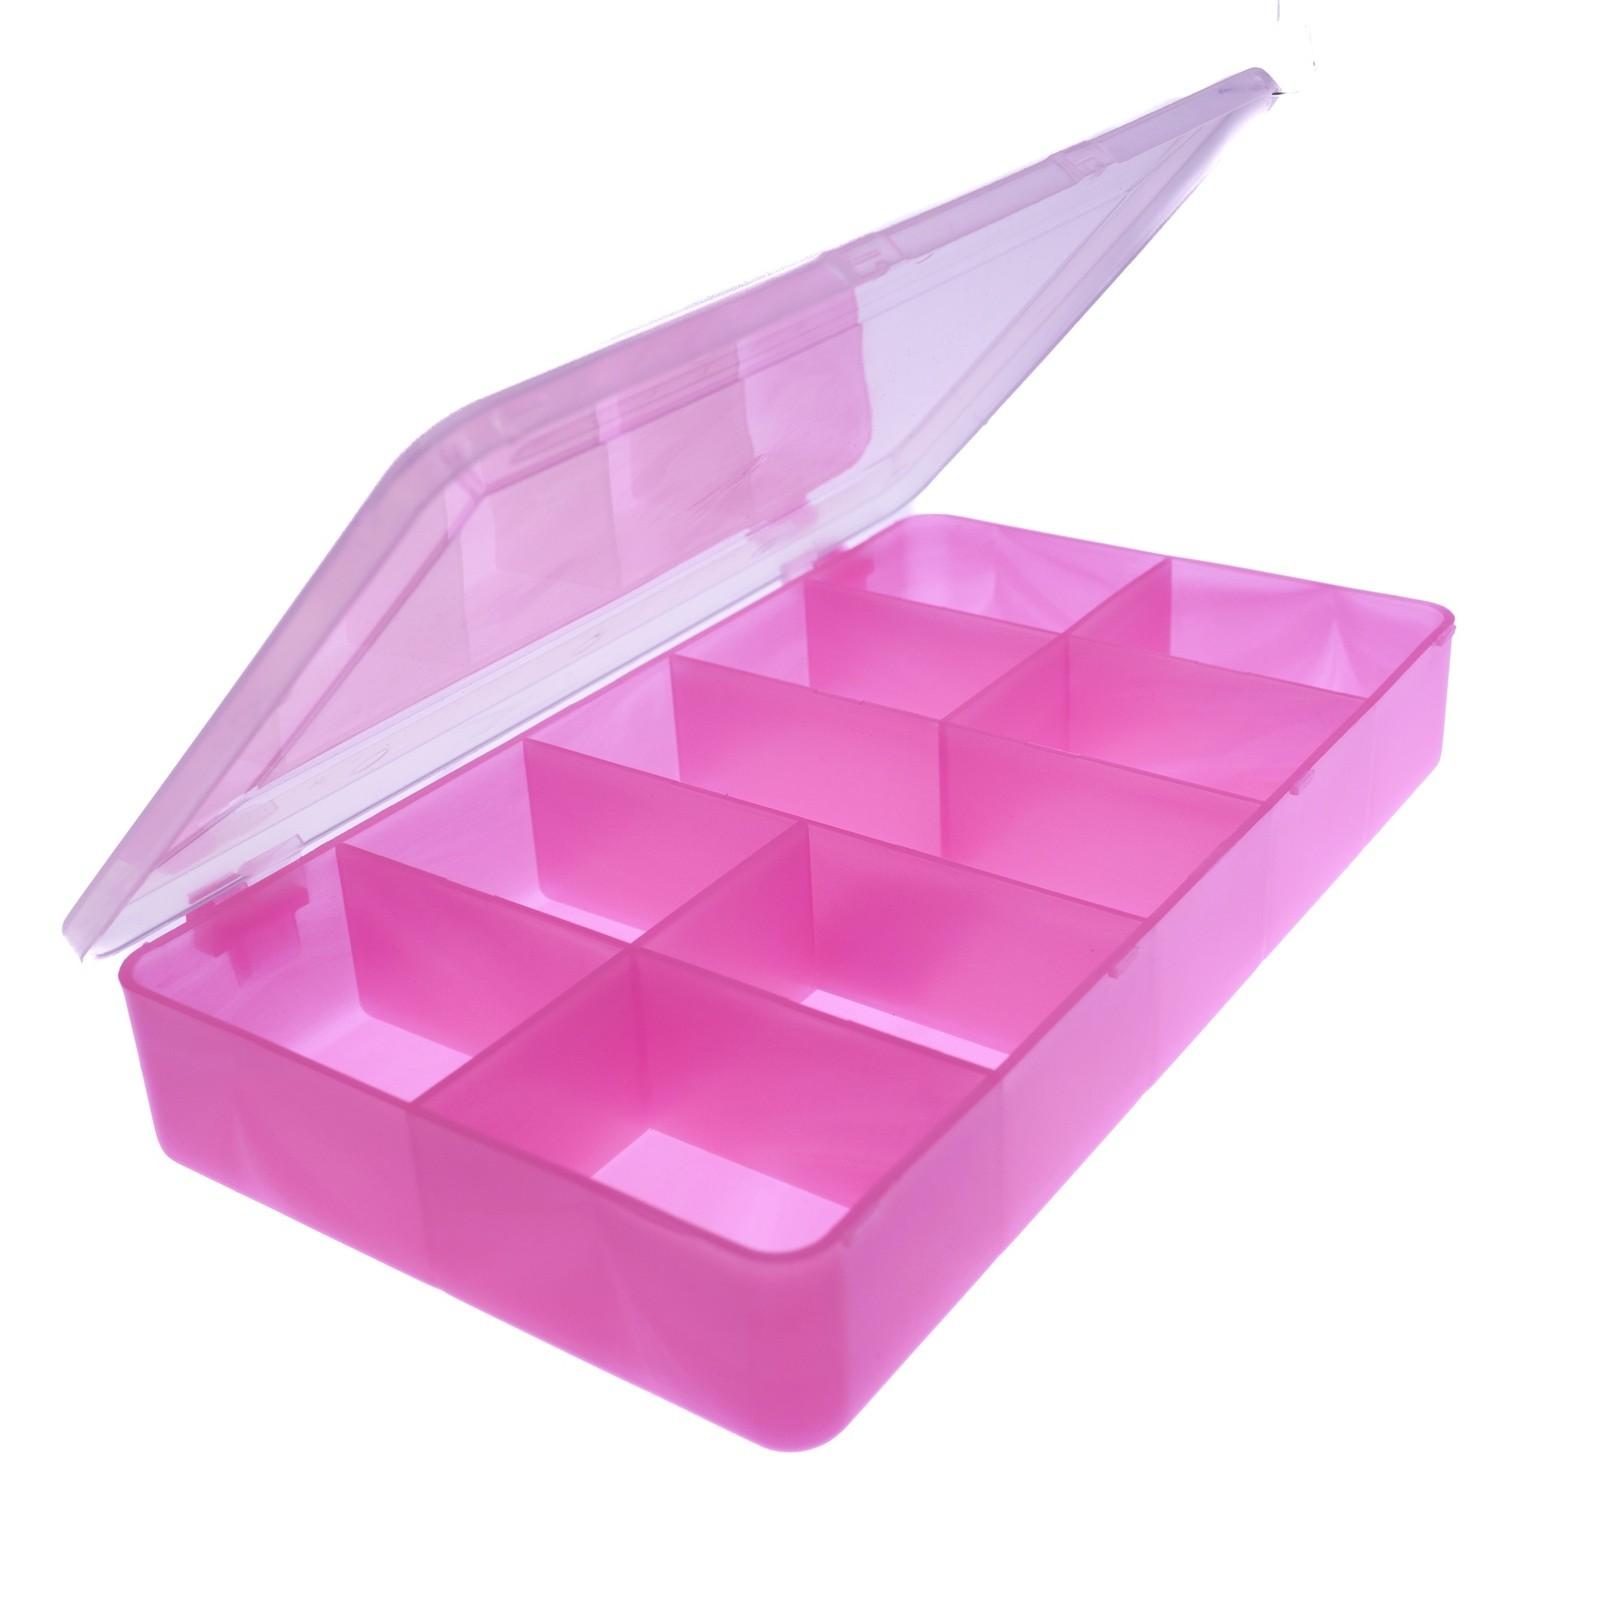 Caixa Organizadora Retangular Pequena - 1 unidade